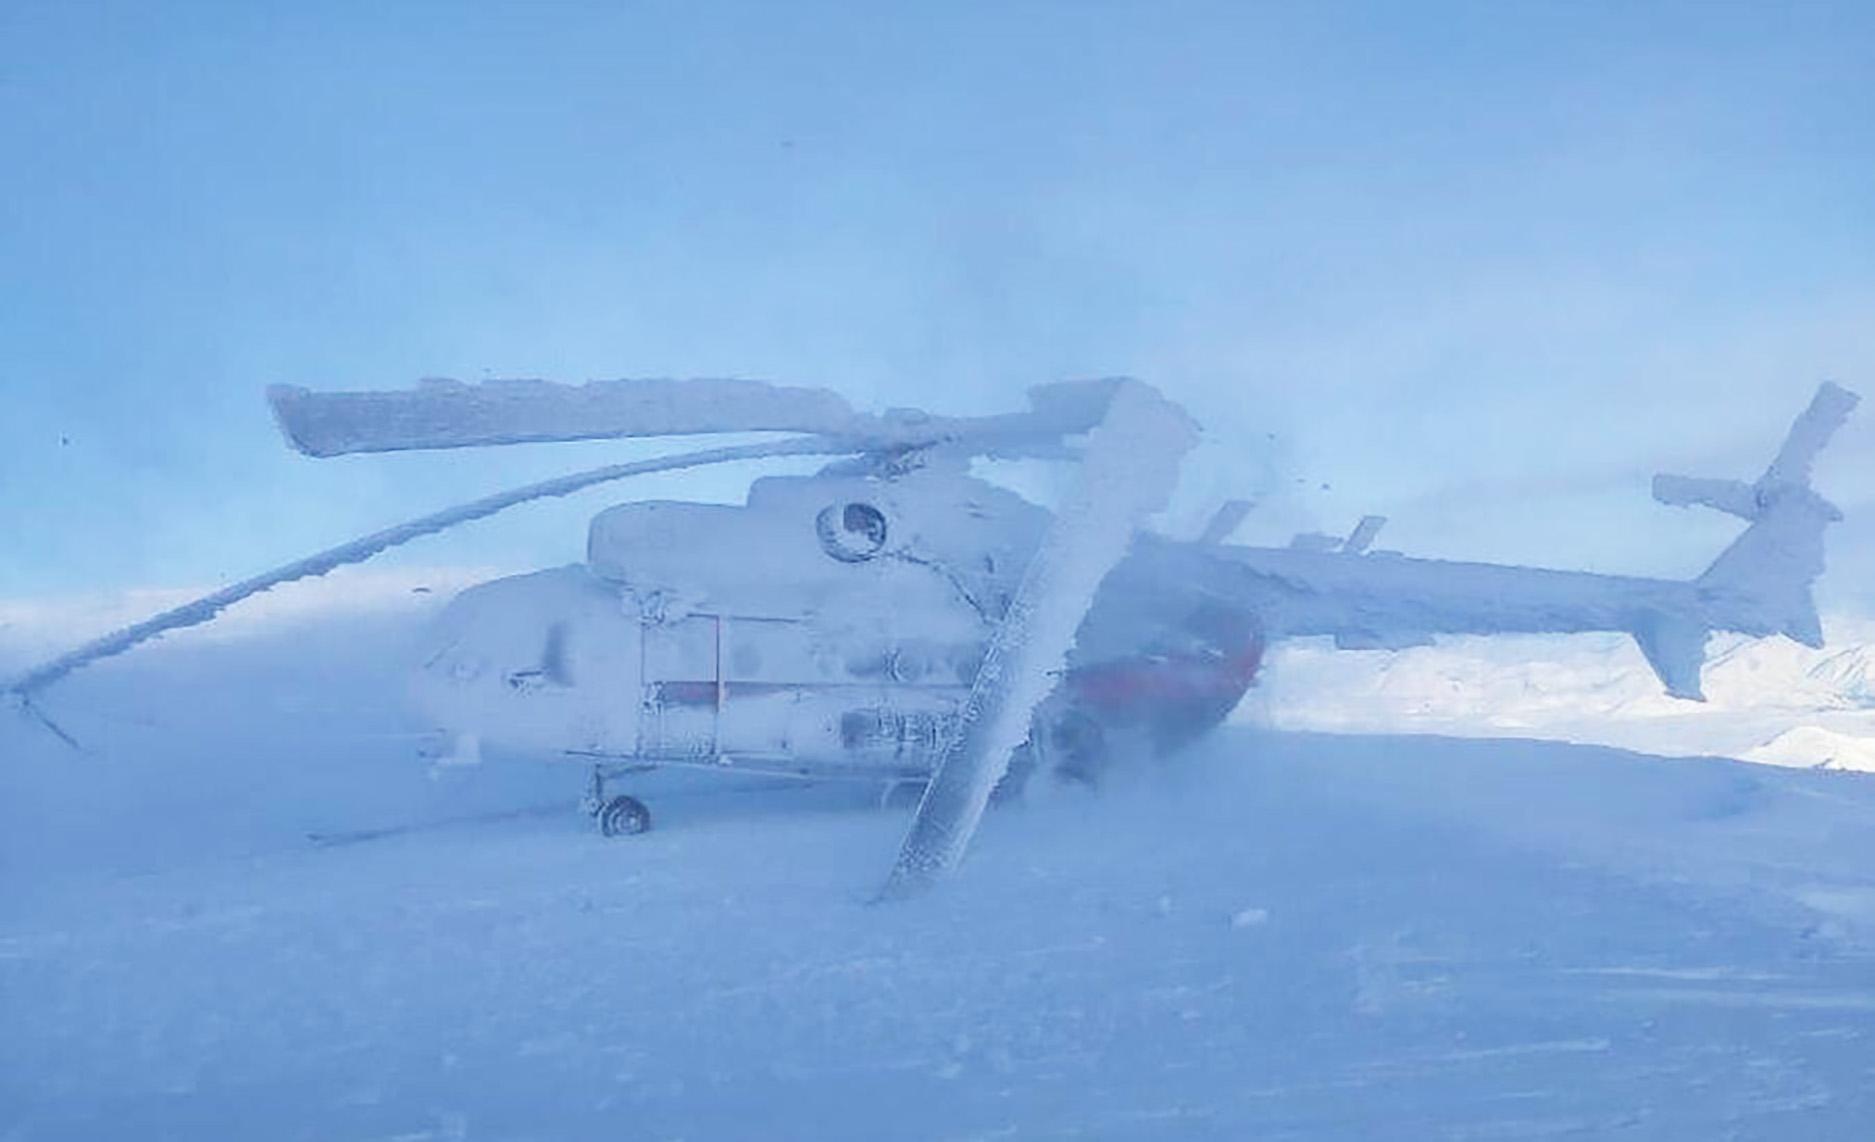 Ez neked tél?: Így néz ki egy szibériai helikopter, miután ráfújt egy gejzír